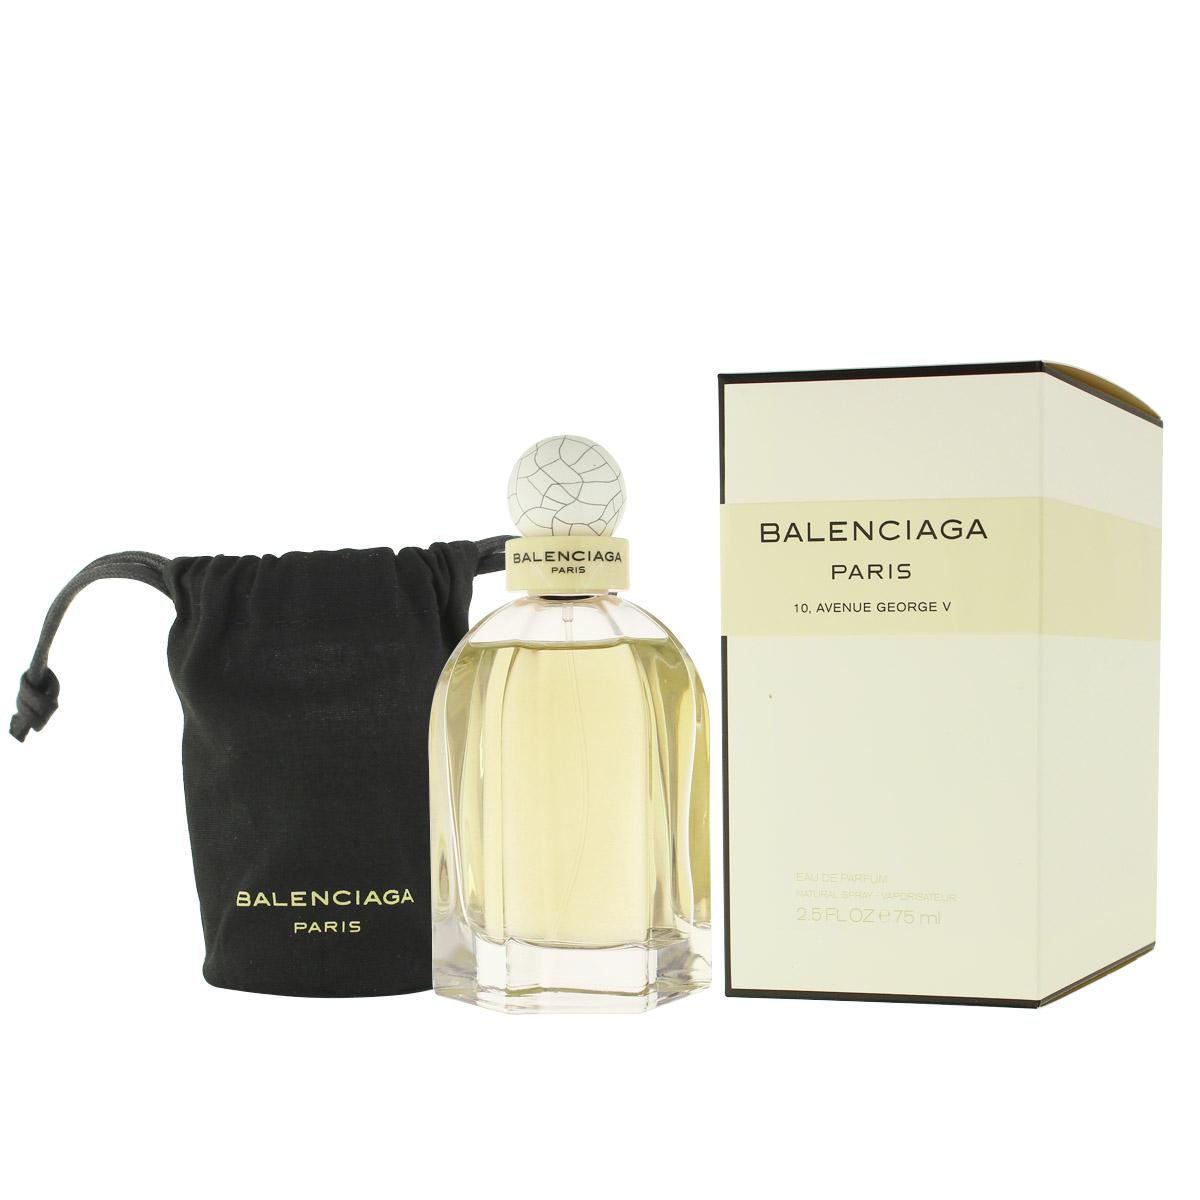 Balenciaga Balenciaga Paris Eau De Parfum 75 ml (woman) 57325